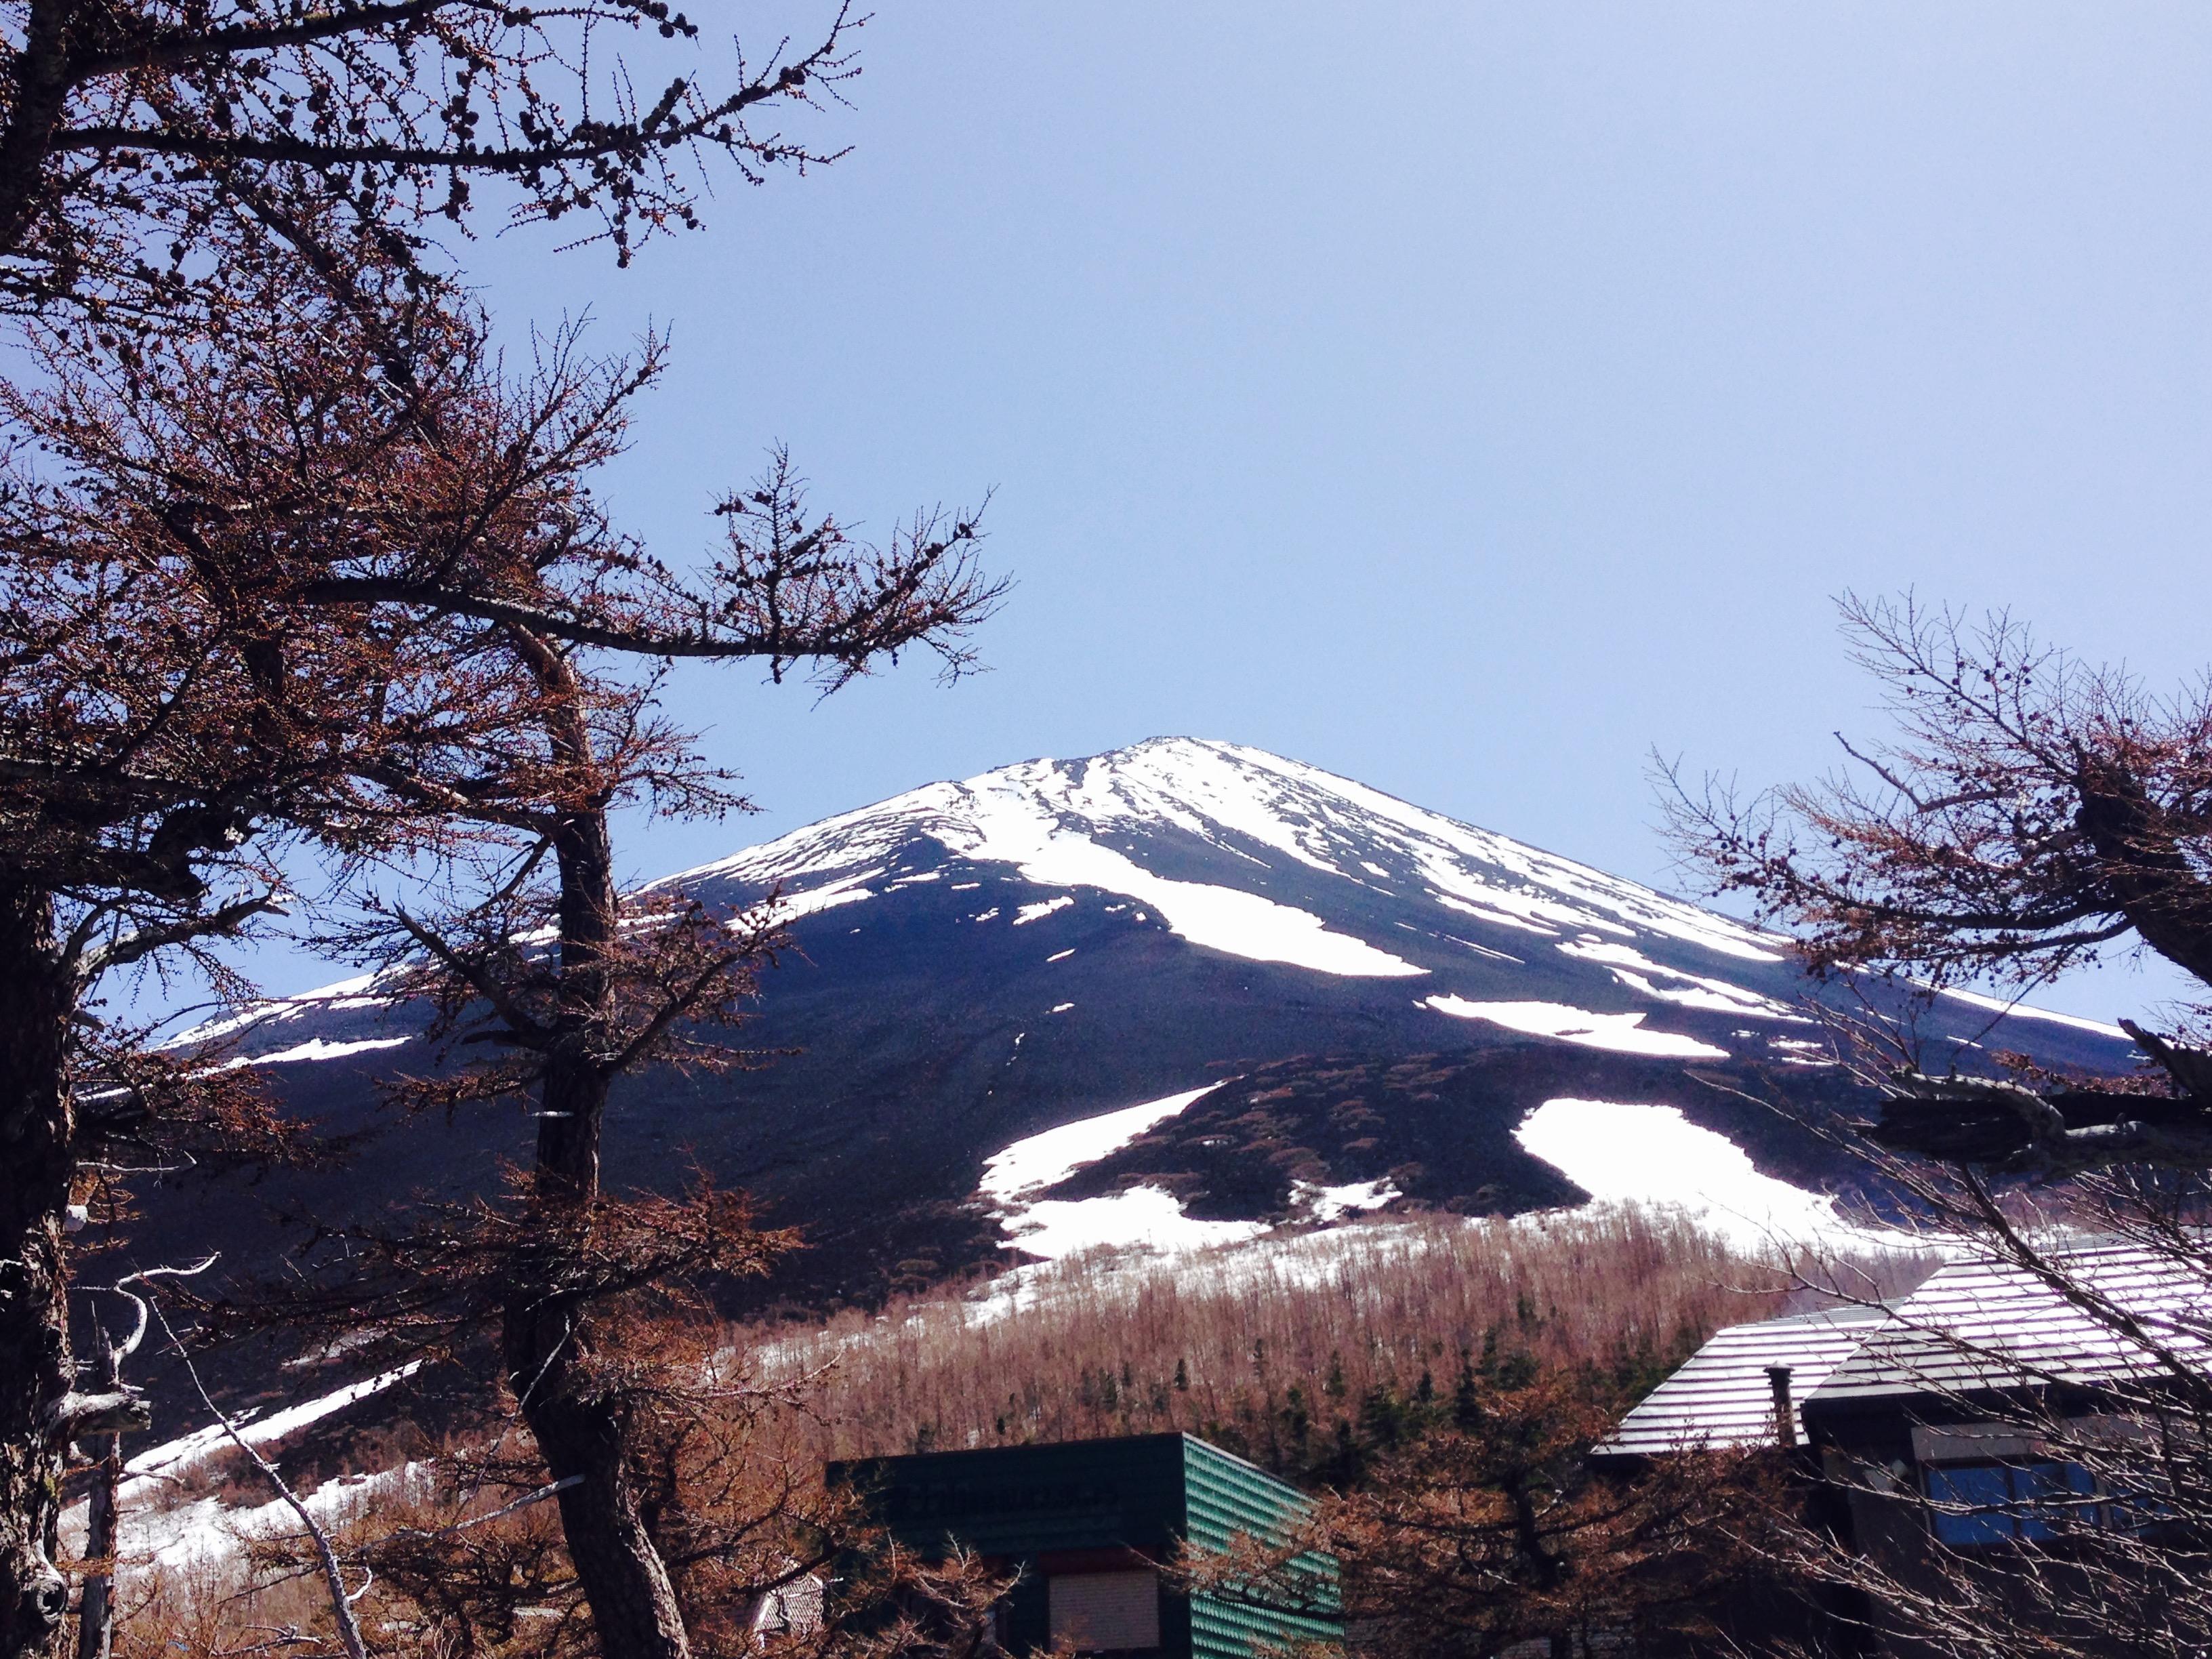 【5赞】本州 北海道乐活7日游